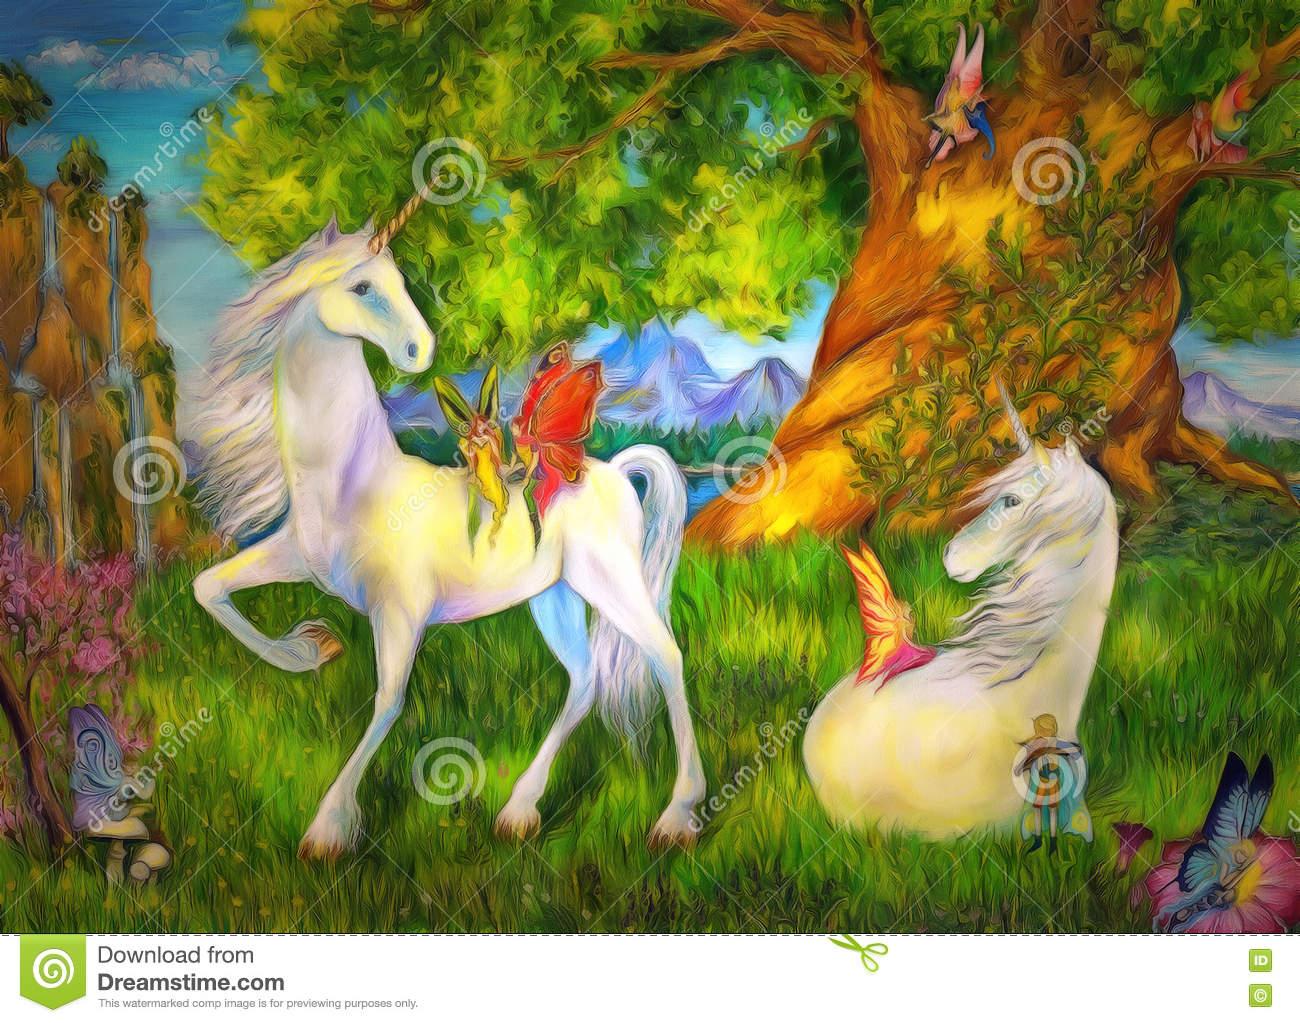 Einhörner Und Elfen Stock Abbildung. Illustration Von Sommer ganzes Elfen Und Einhörner